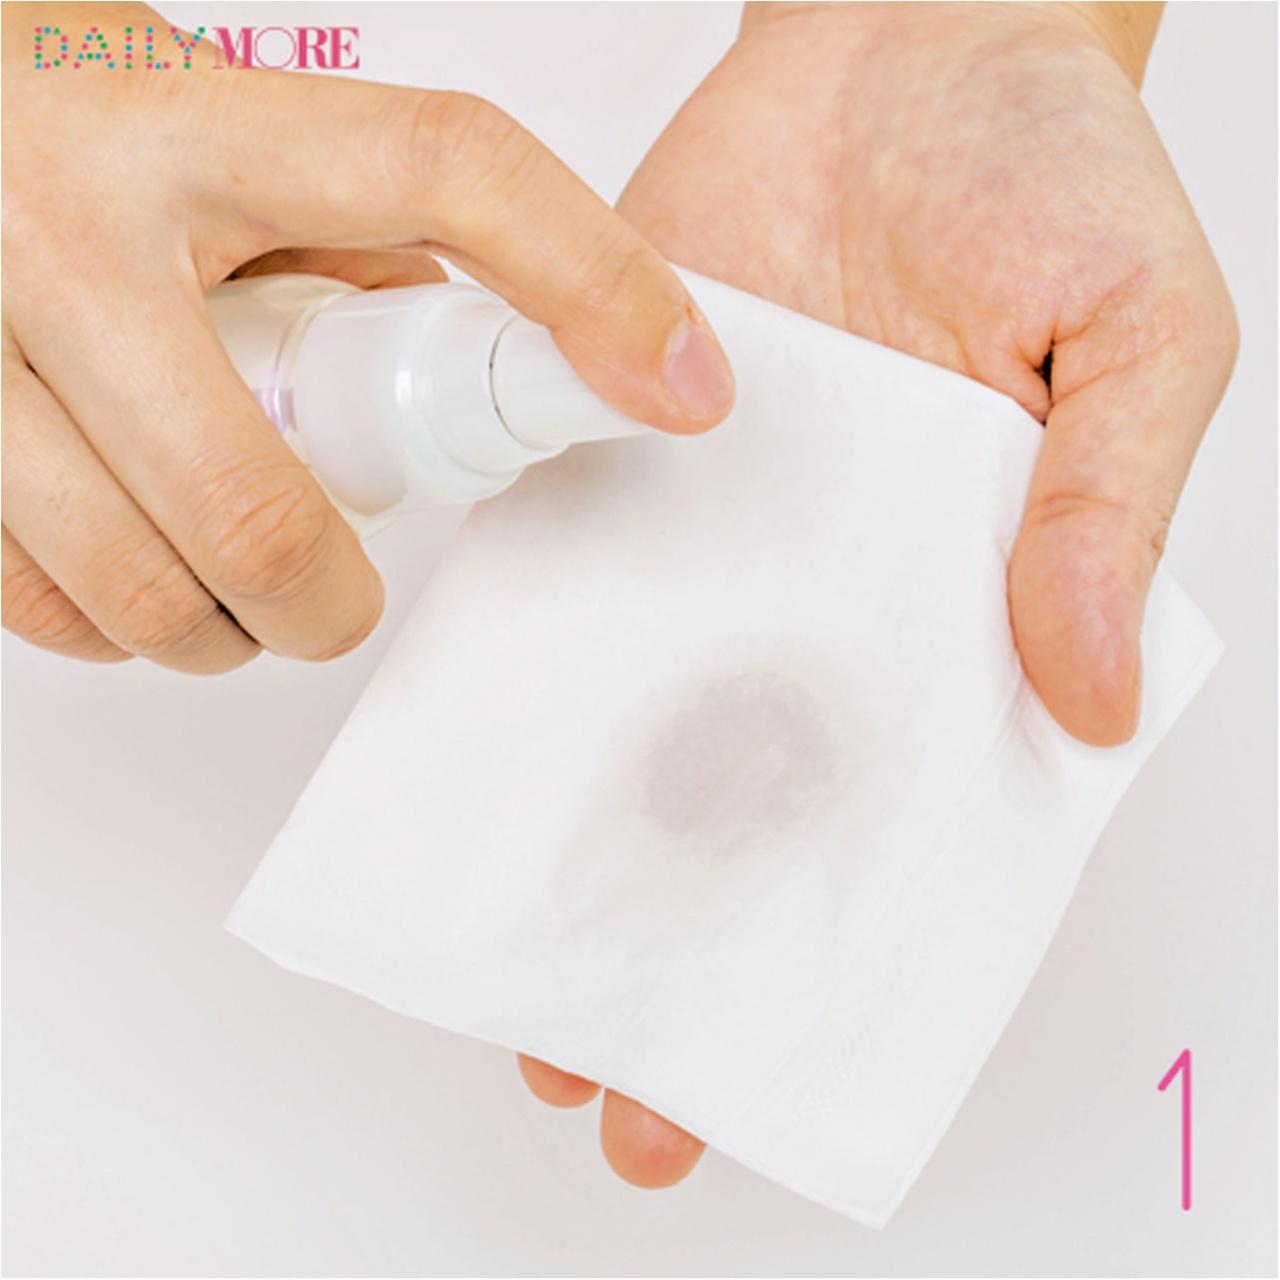 メイク用ブラシは粉の落とし方が重要!! 【メイクの汚道具、一斉お掃除大作戦!】_3